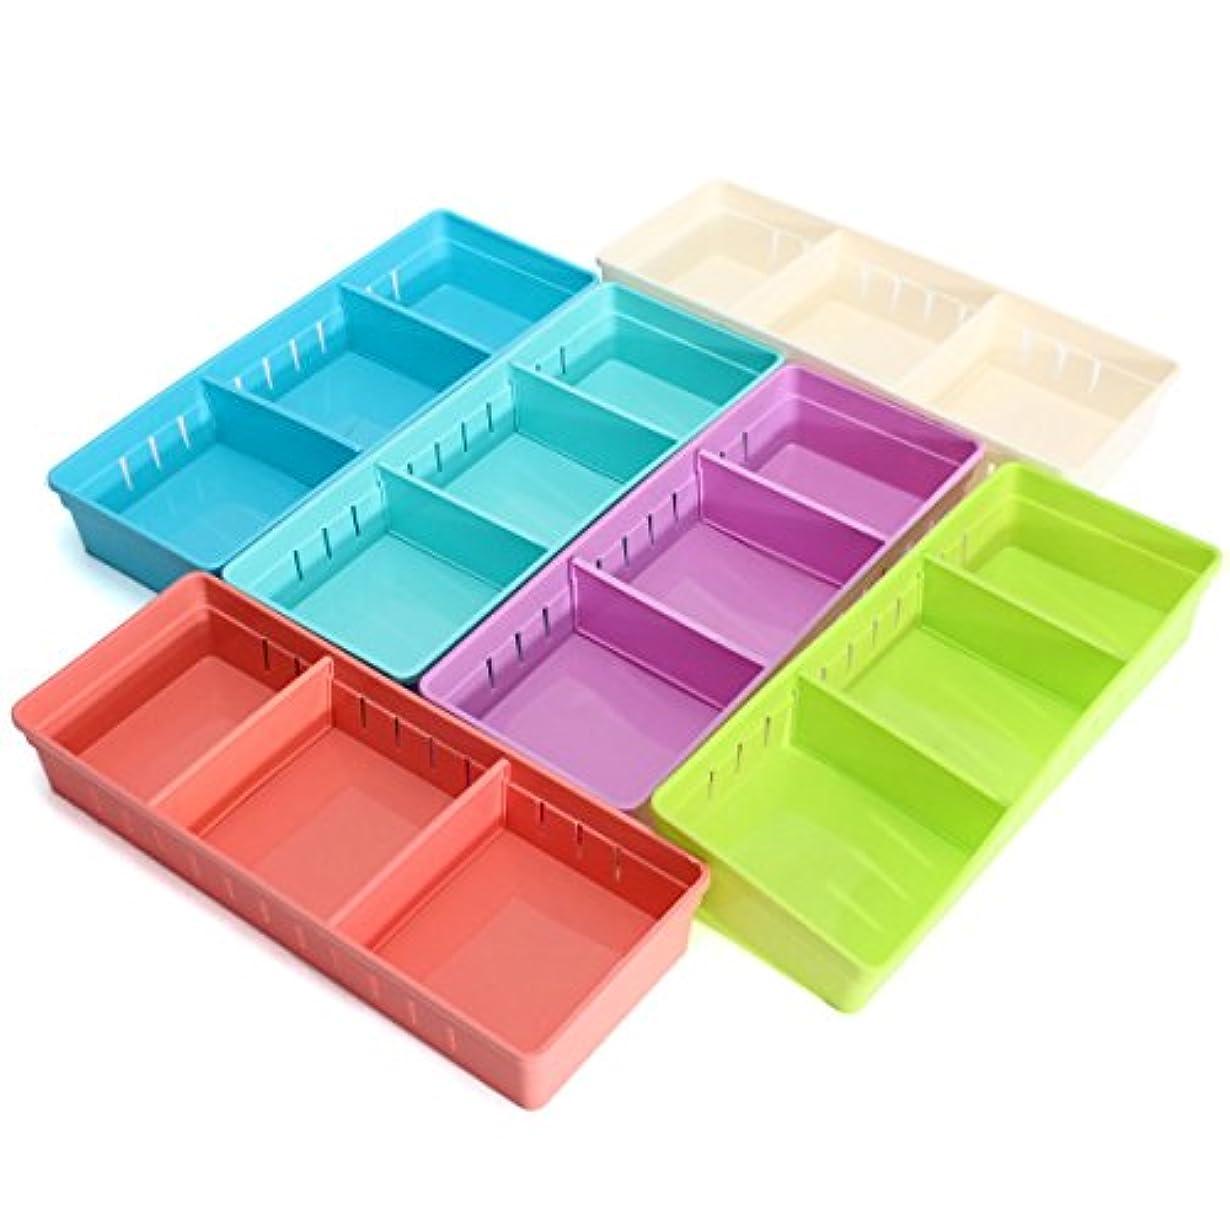 窓を洗う死ふくろうYZUEYT 調整可能なメイクアップ収納ボックス引き出しホームキッチンオフィスSupplie鉛筆ジュエリーオーガナイザー YZUEYT (Color : Color Yellow)